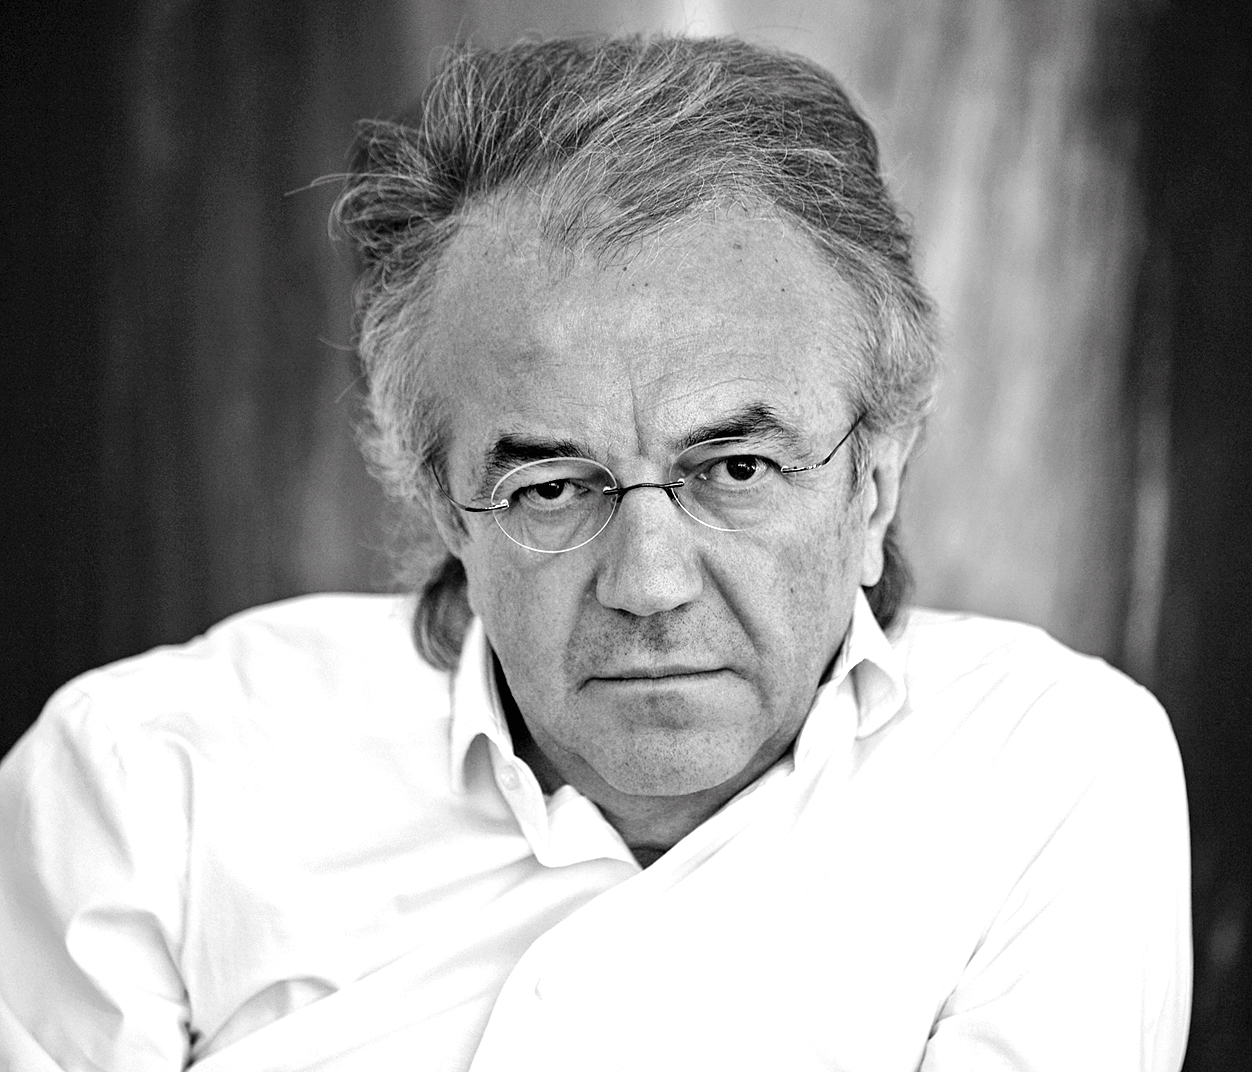 Prof. Werner Sobek